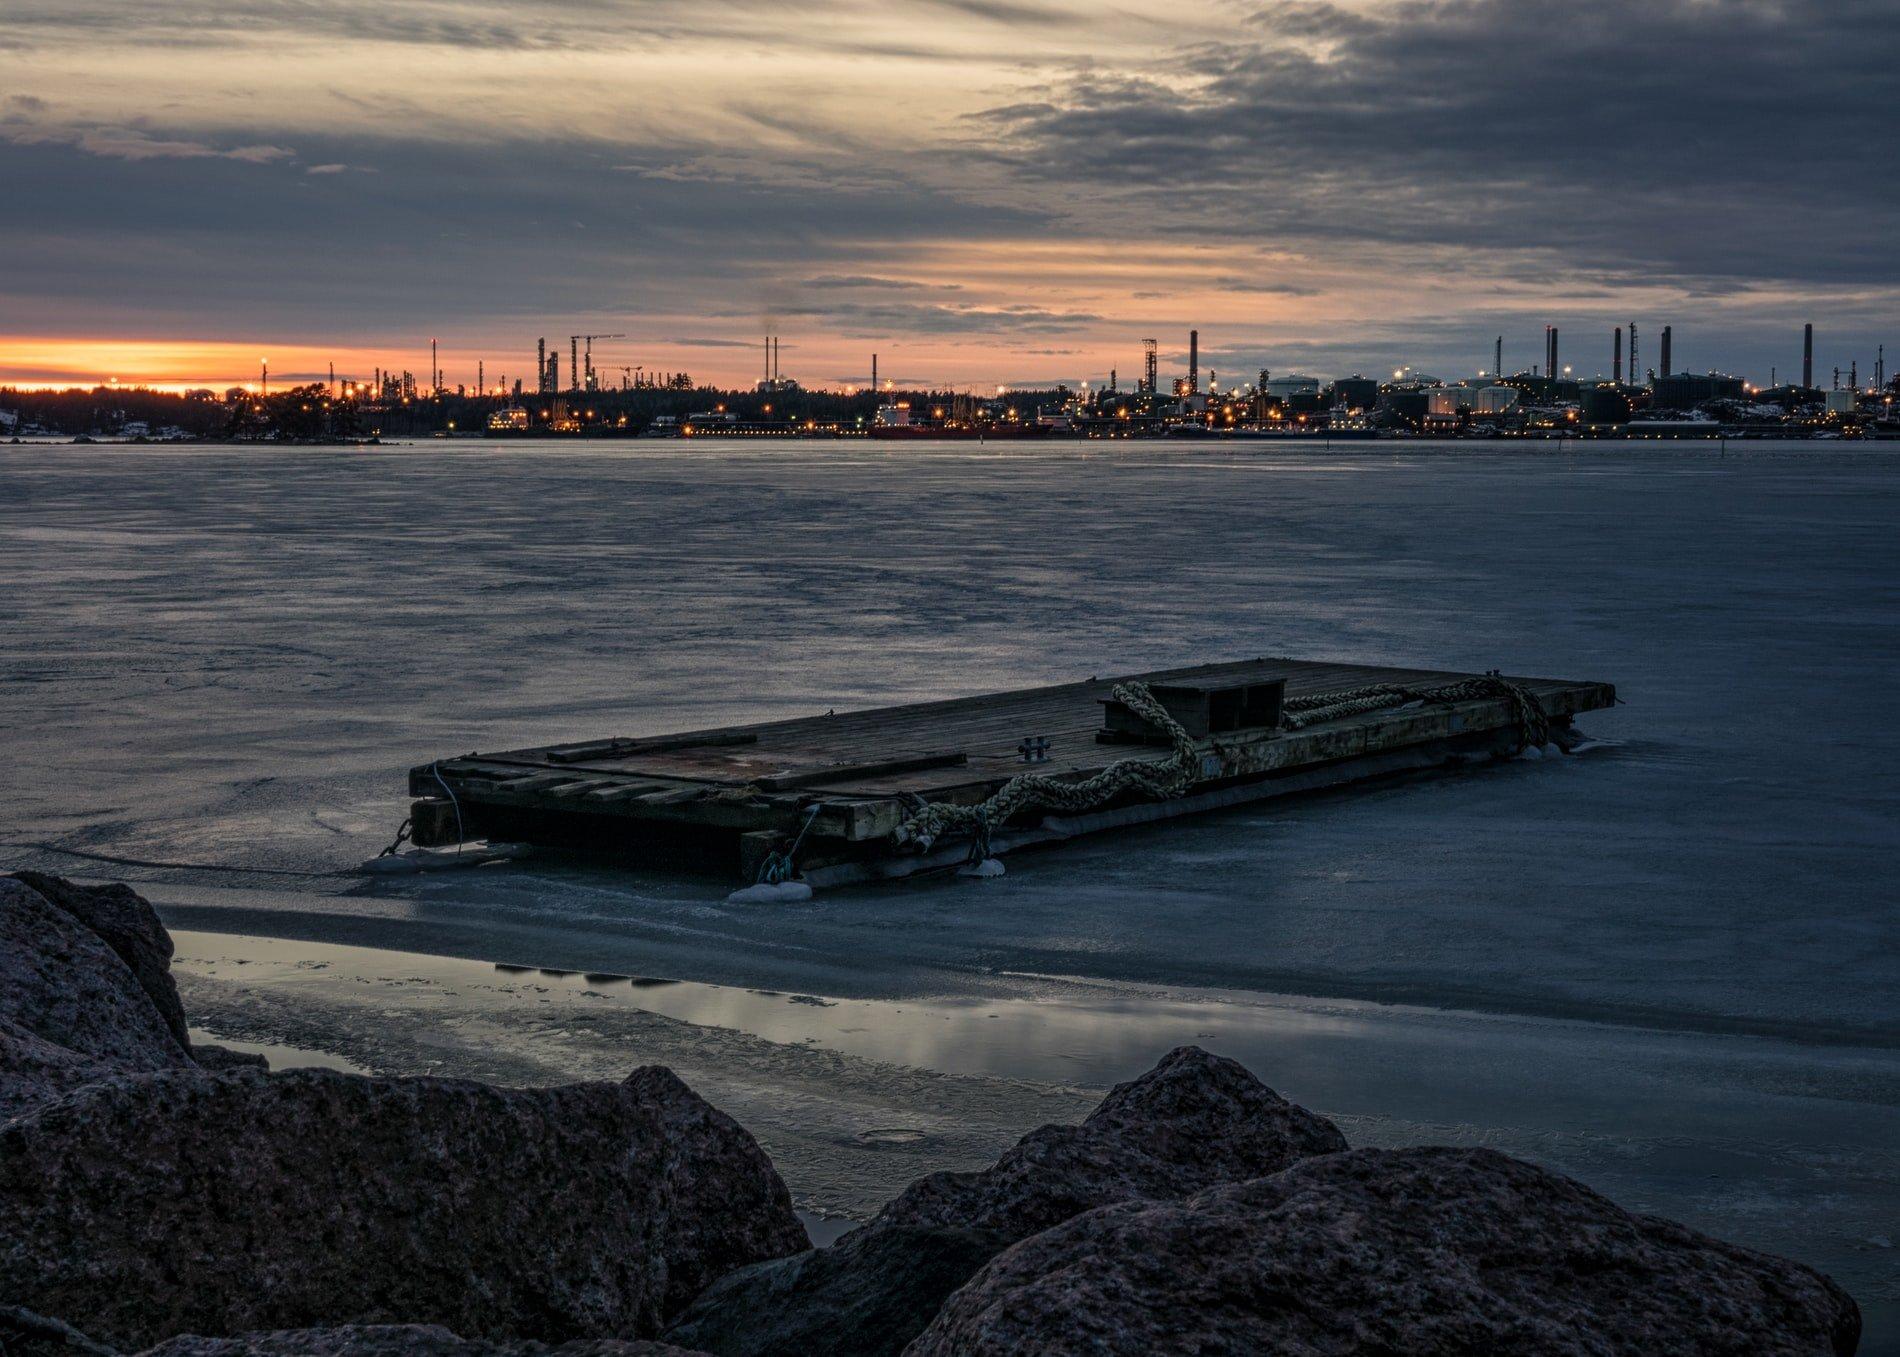 finland oil refinery